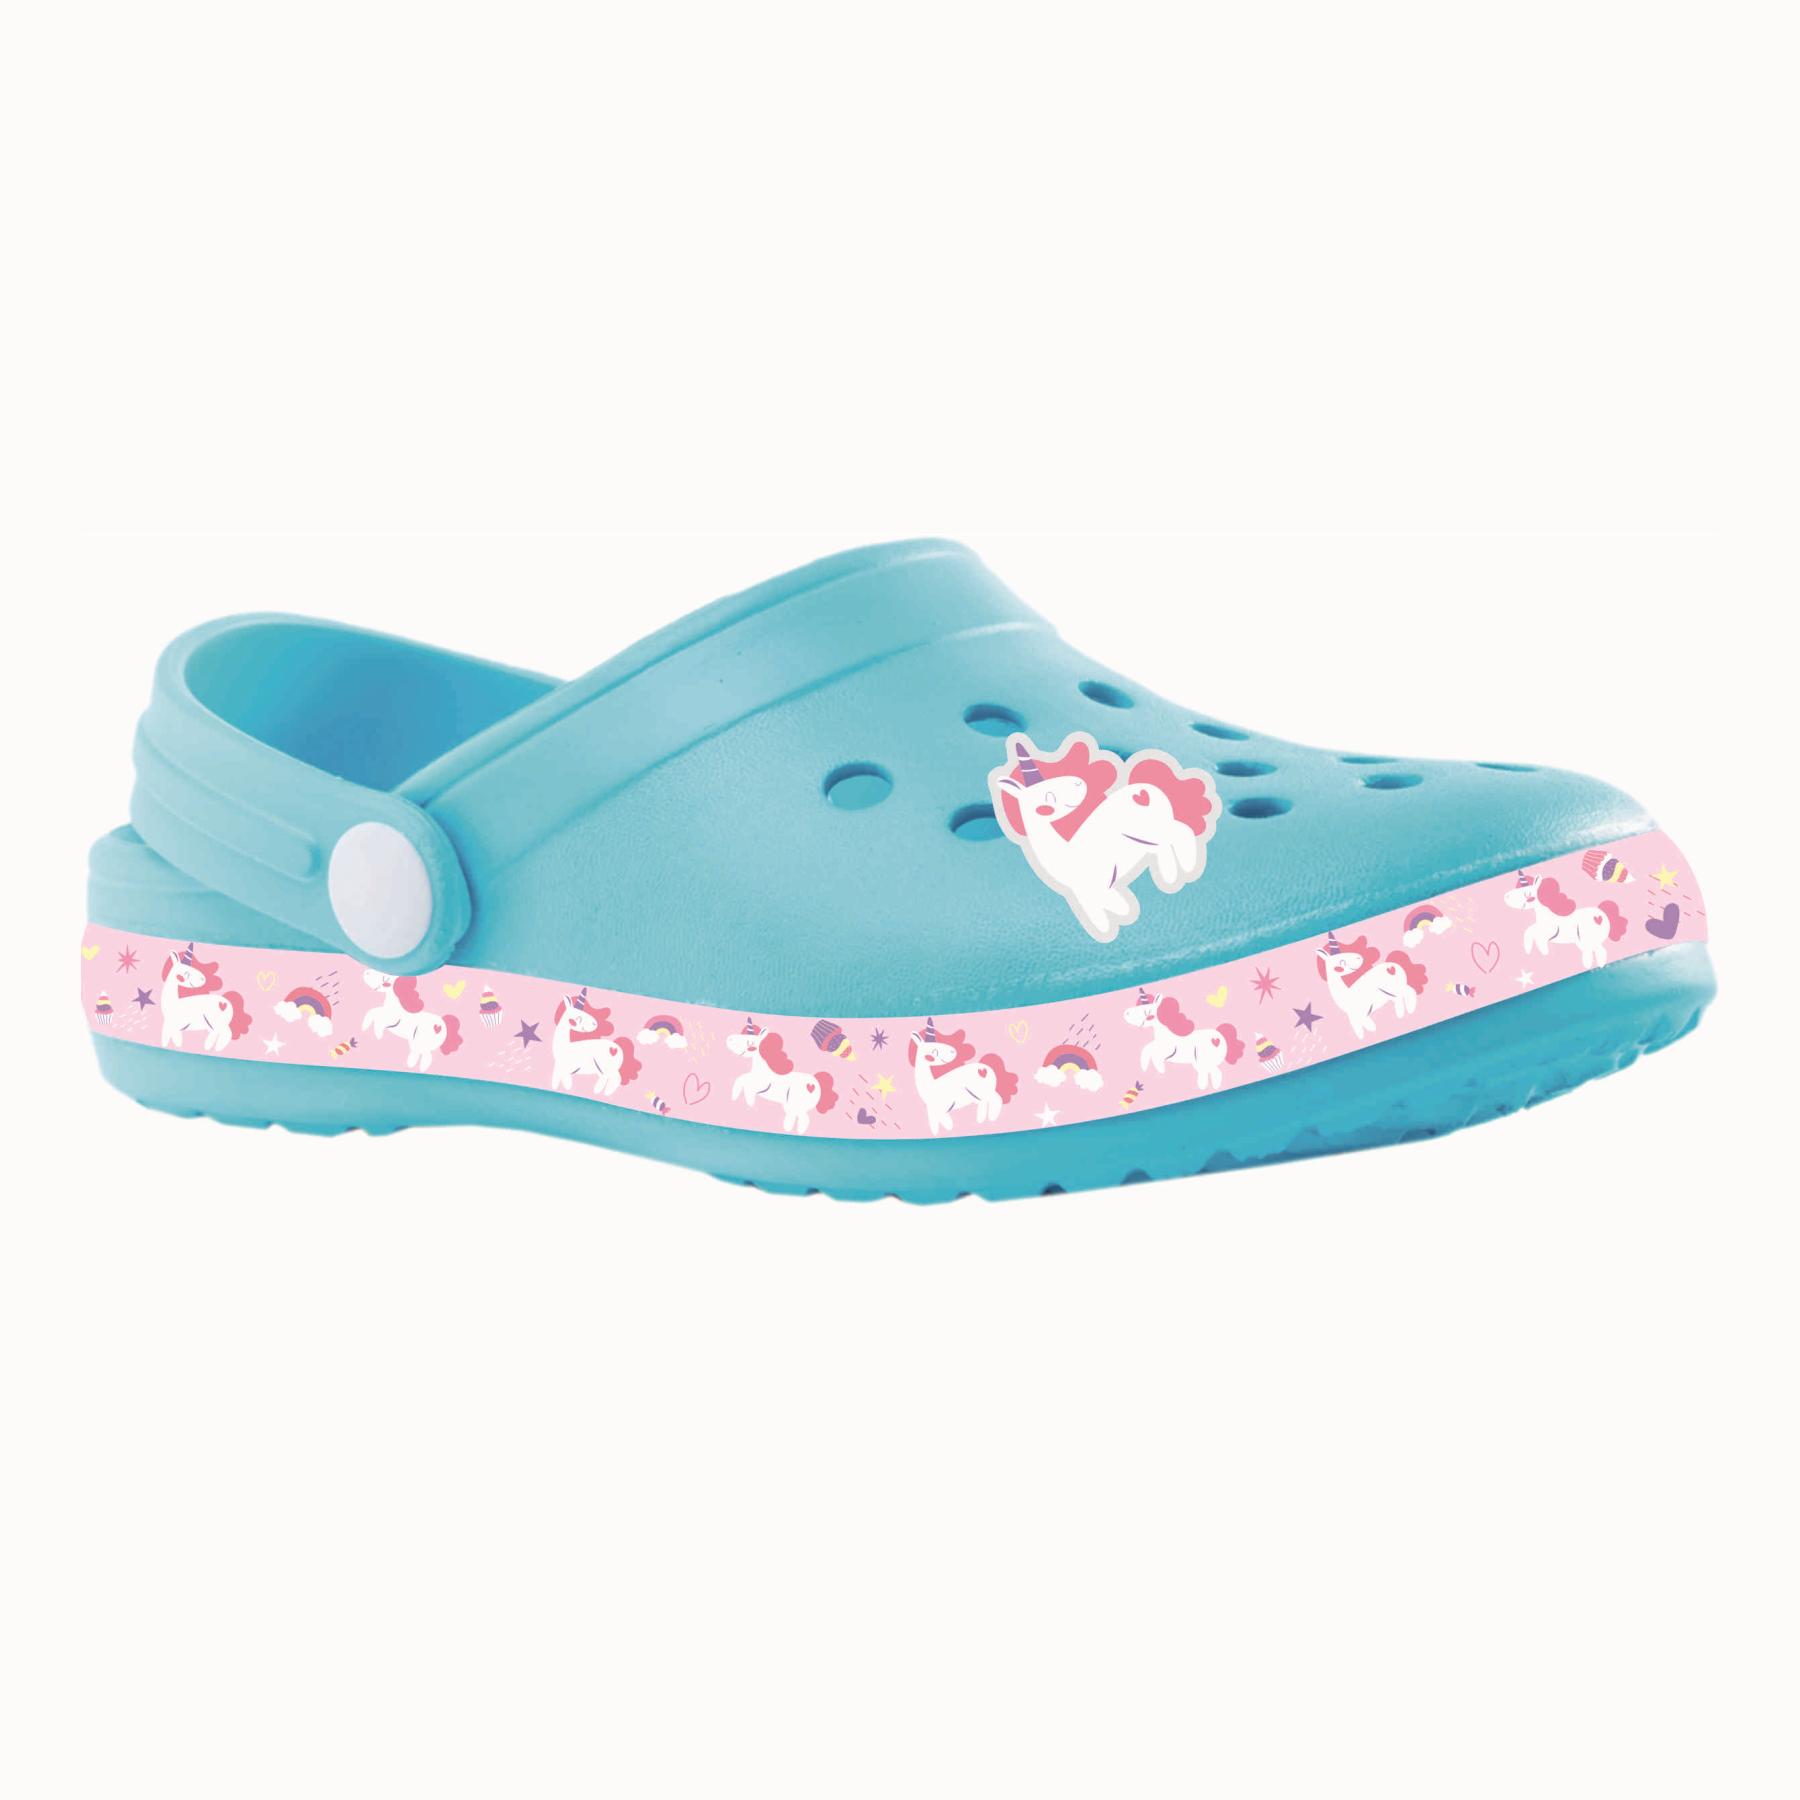 Пляжная обувь для девочек Котофей 525083-01 голубой р.32-33